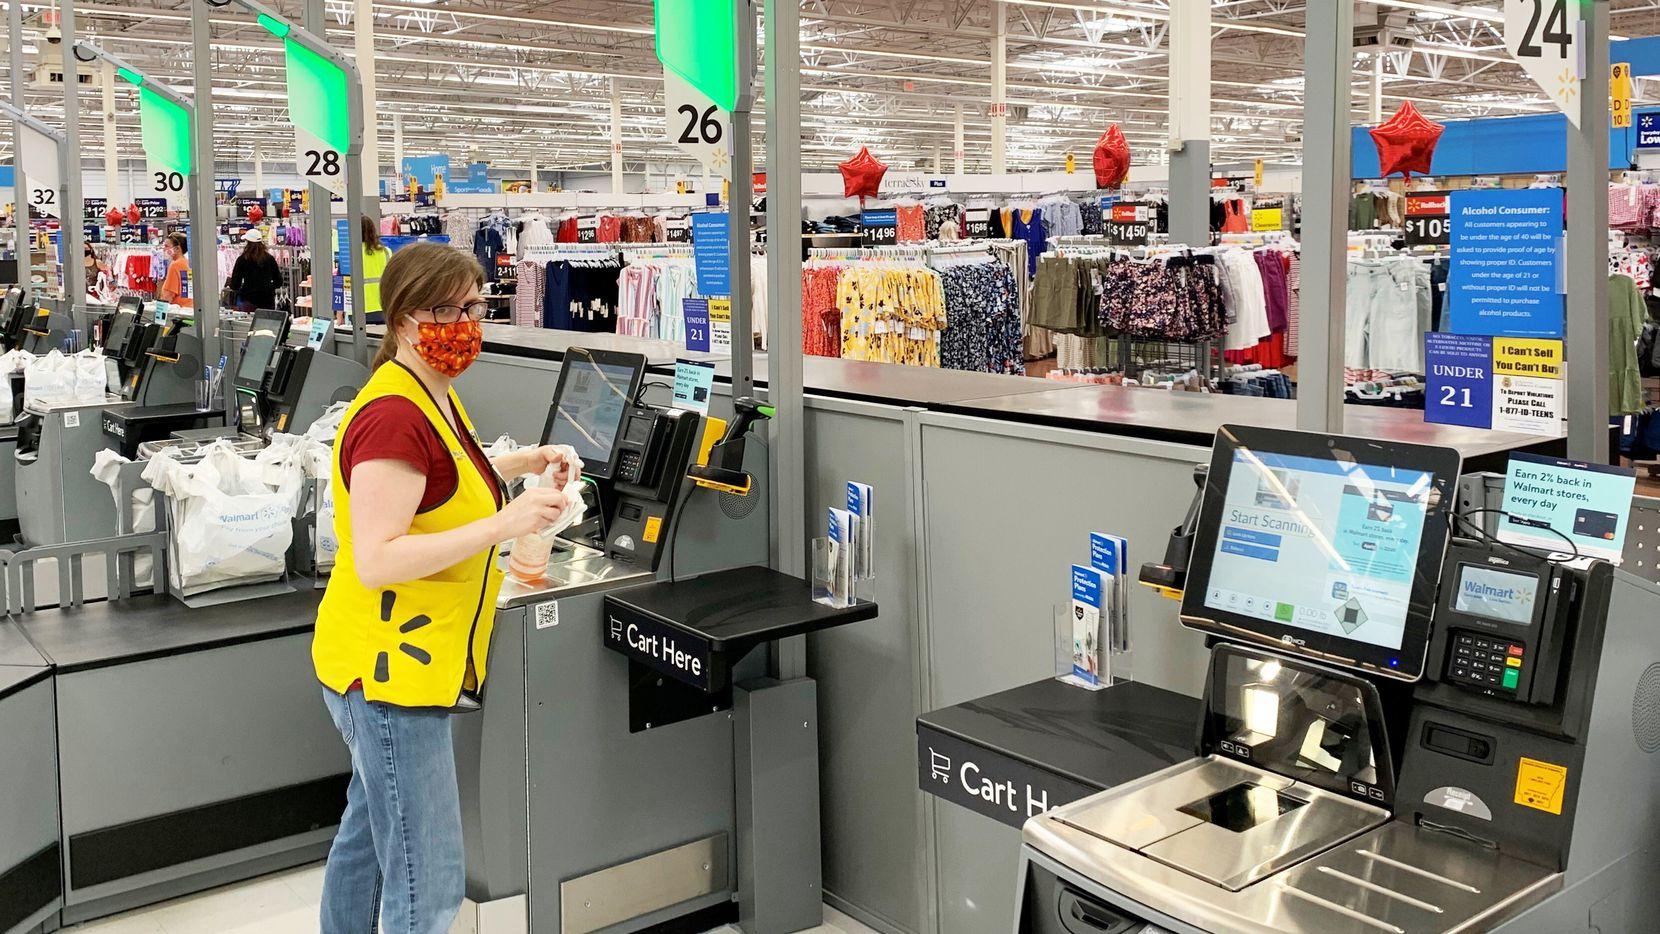 Una vista a la sección de self-checkout del Walmart Supercenter de Fayetteville, Arkansas, el primero de su tipo.